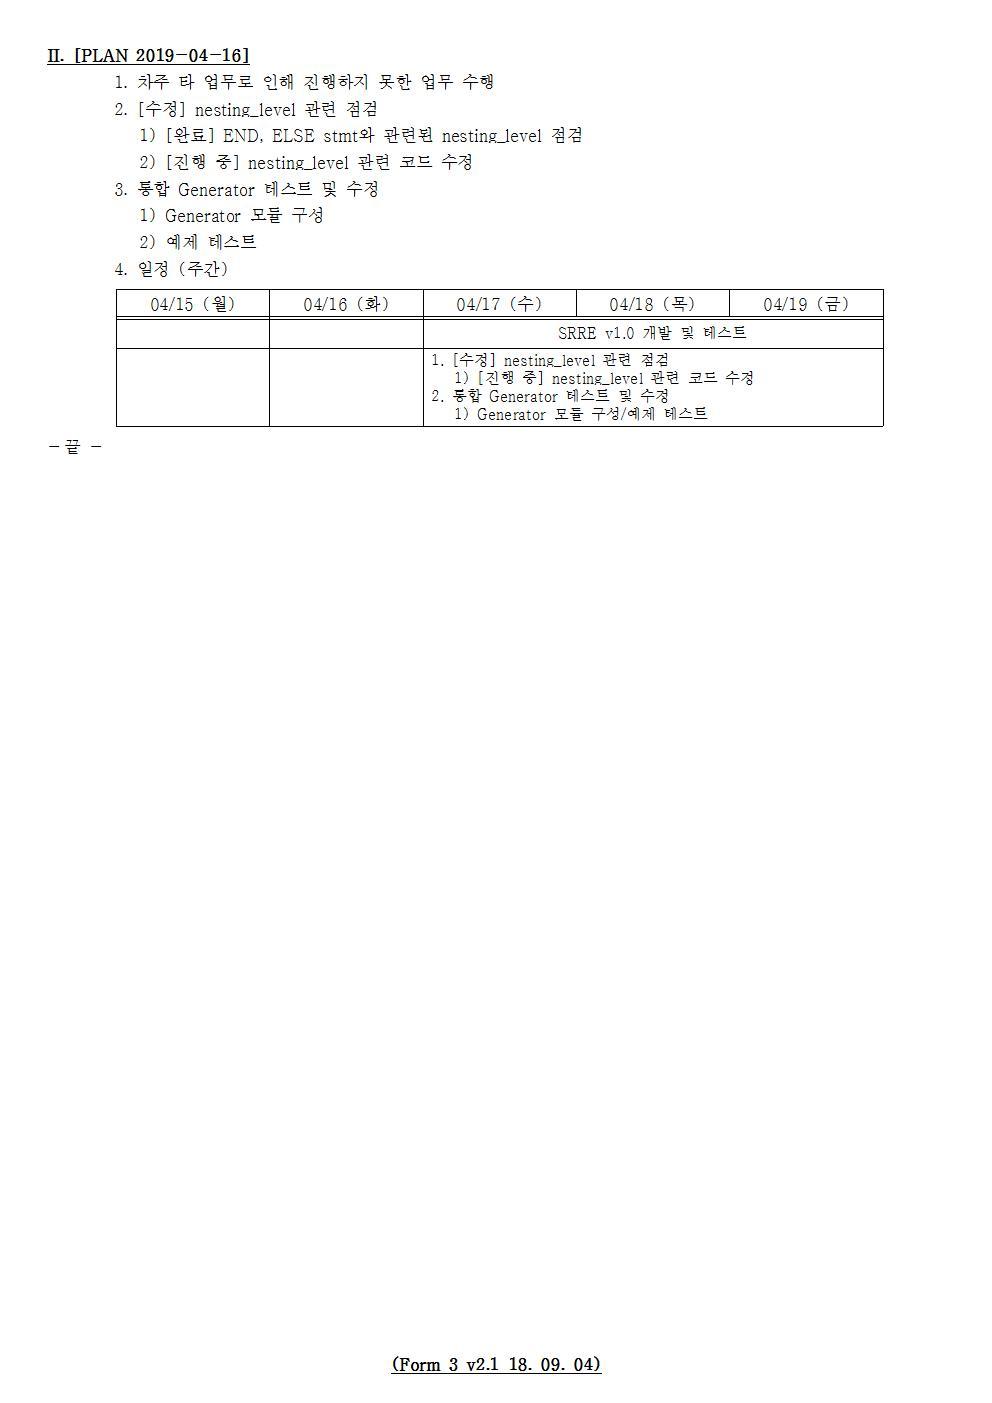 D-[19-003-RD-03]-[Tool-SRRE-1.X]-[2019-04-16][JS]002.jpg